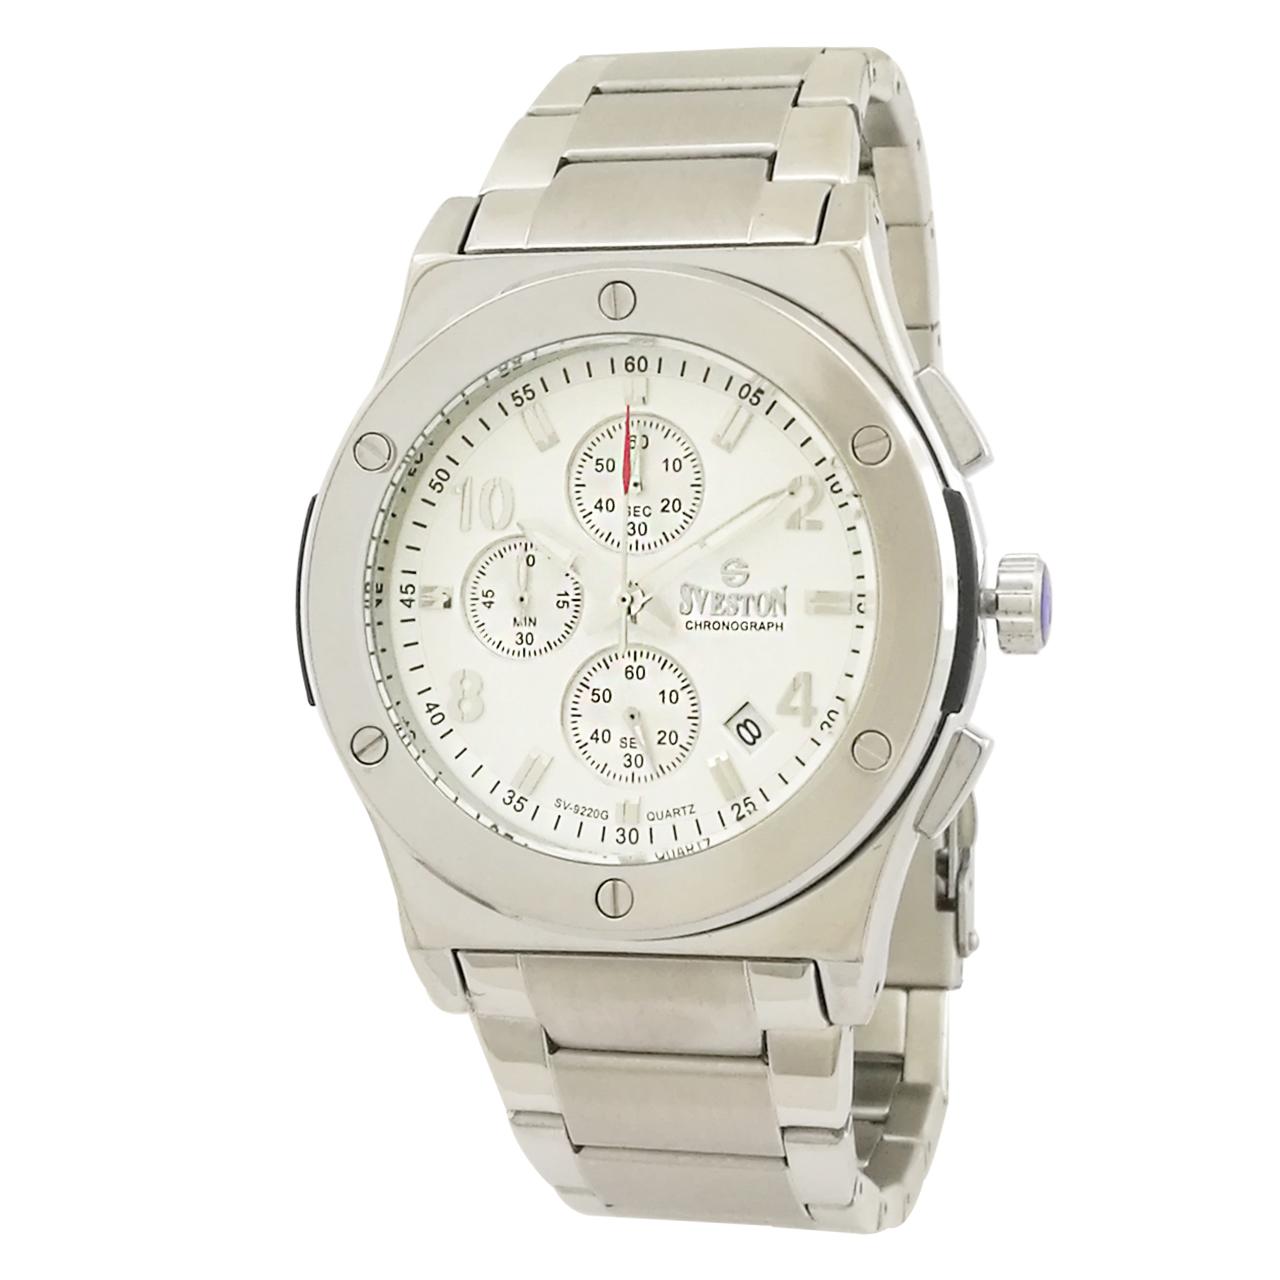 ساعت مچی عقربه ای مردانه سوستون مدل sv-9220 12